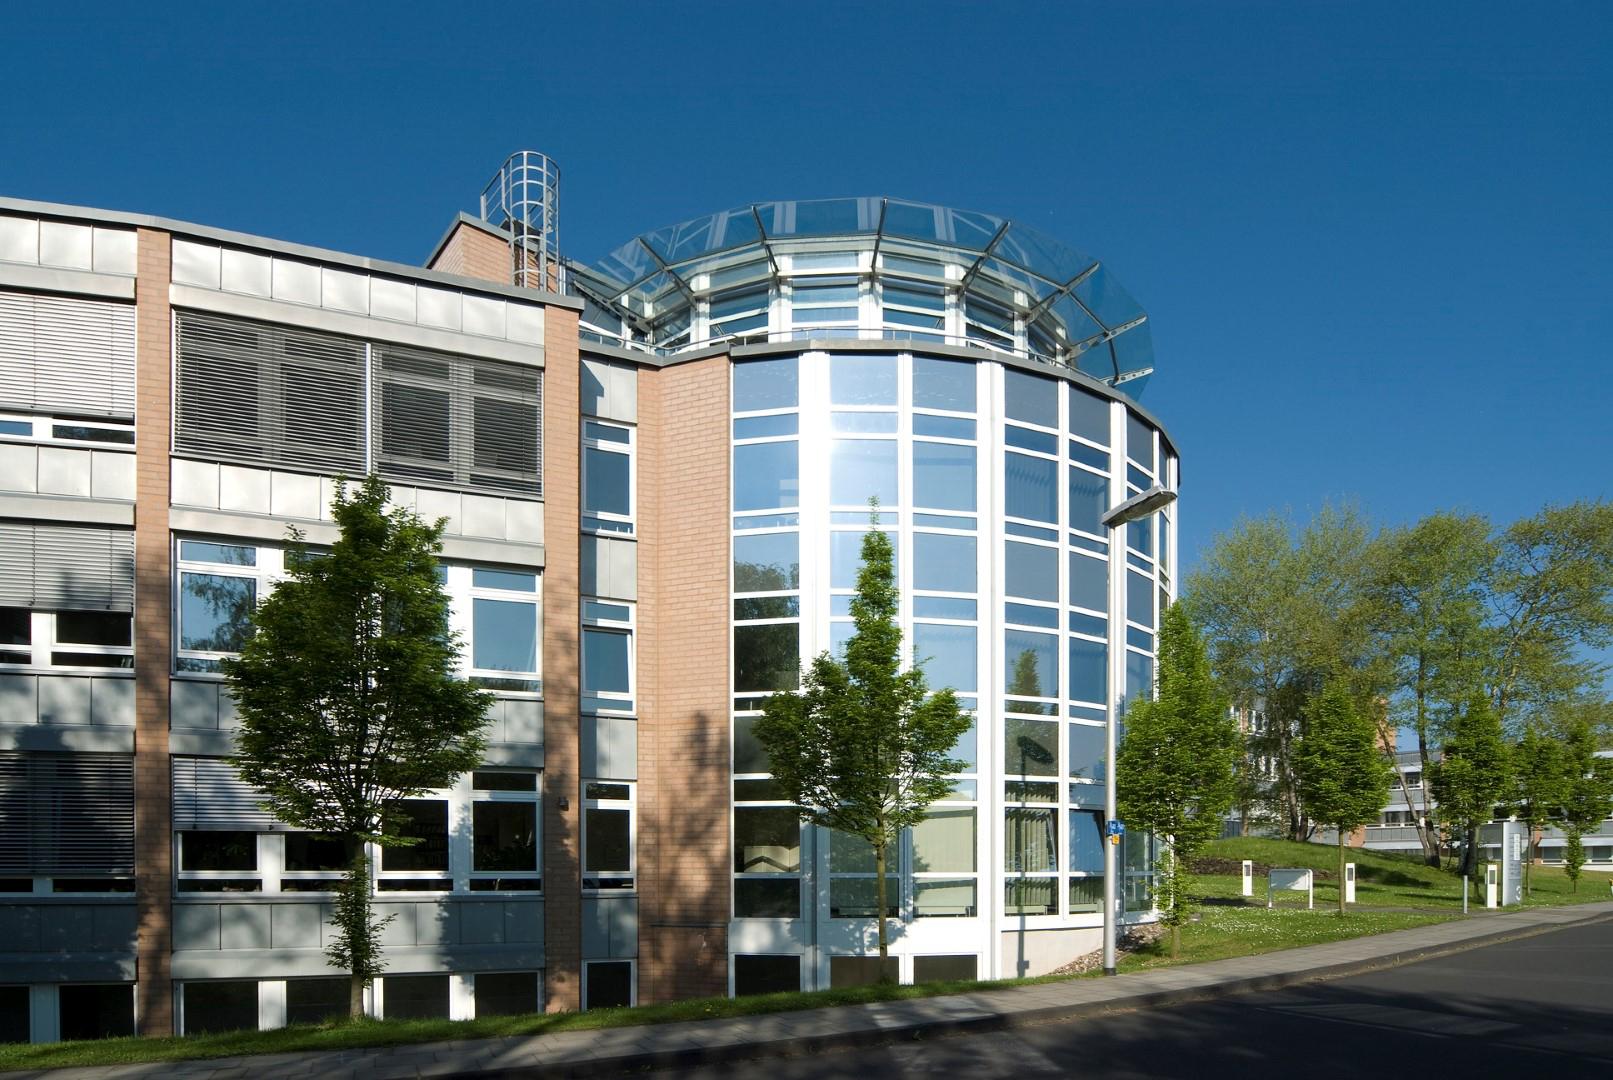 Das Bild zeigt das Geschäftsgebäude der Medisize Deutschland GmbH